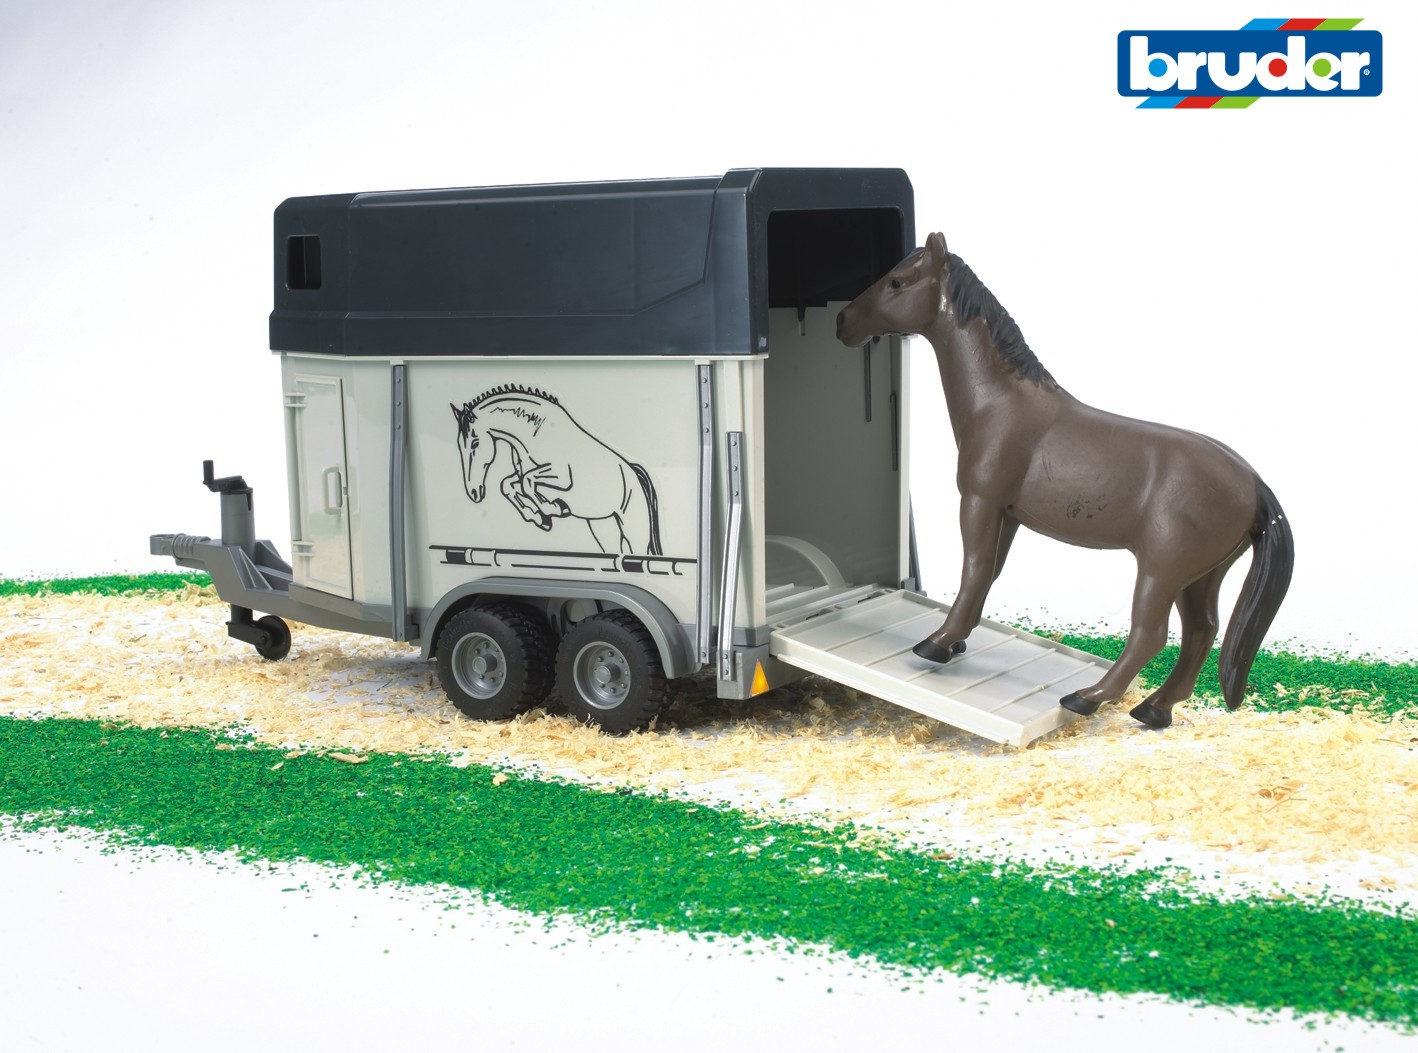 bruder trailer